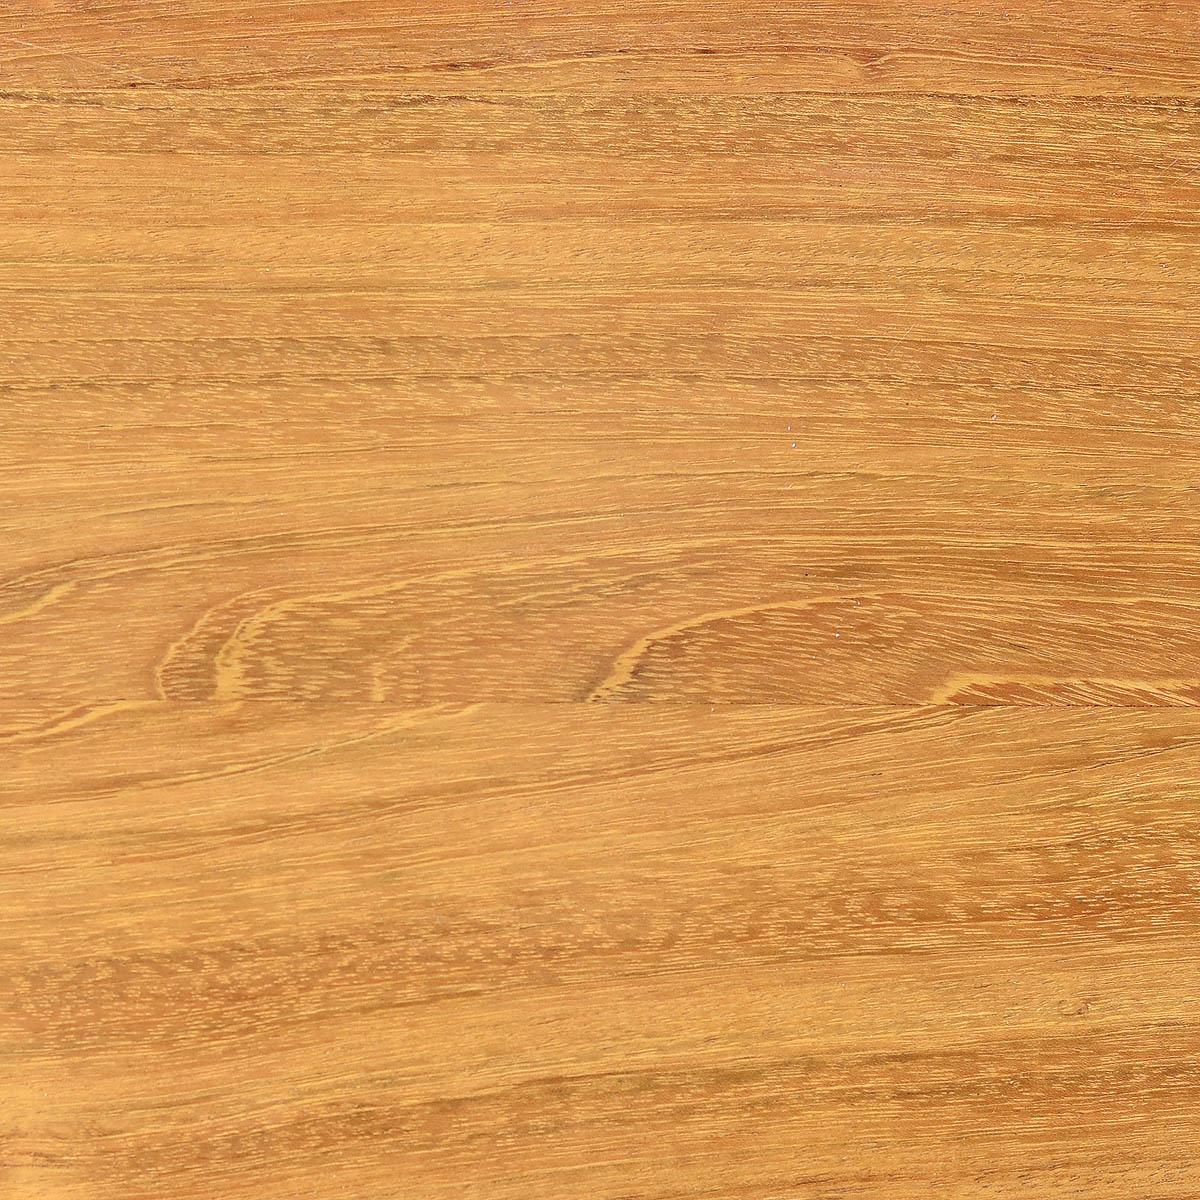 Producent schodów drewnianych Białystok - Iroko